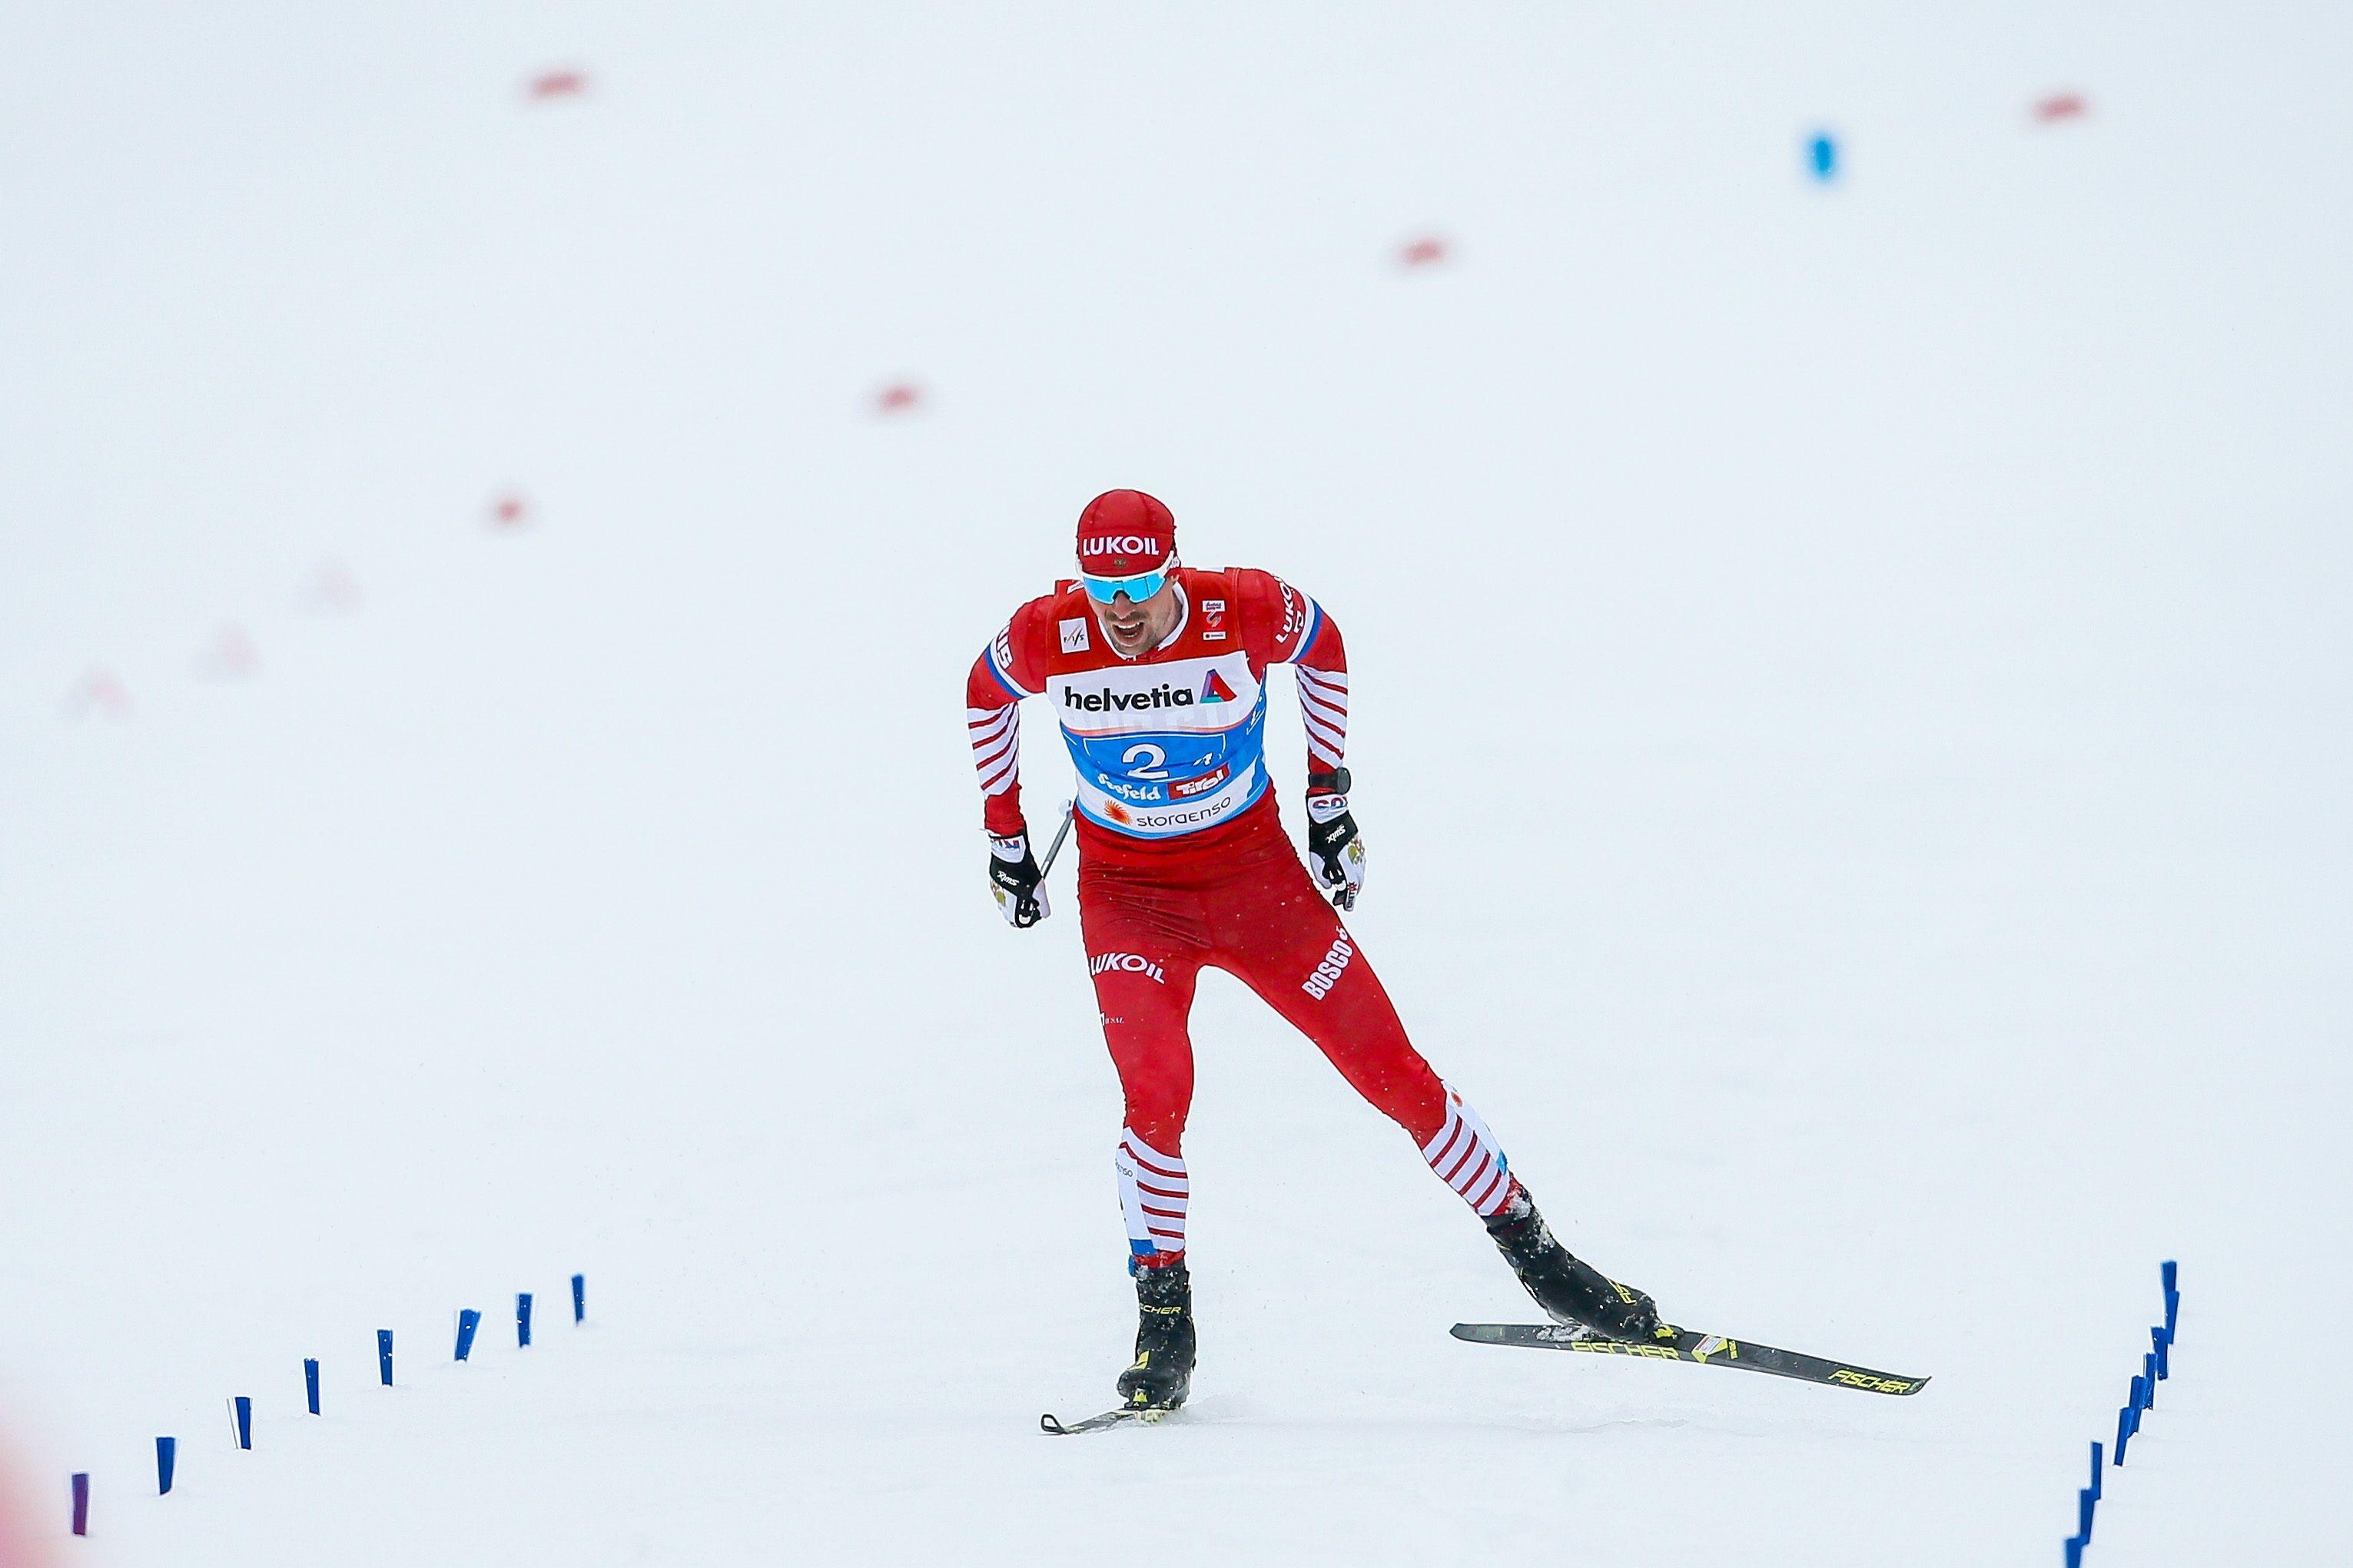 Двукратният световен шампион по ски бягане Сергей Устюгов, който пропусна